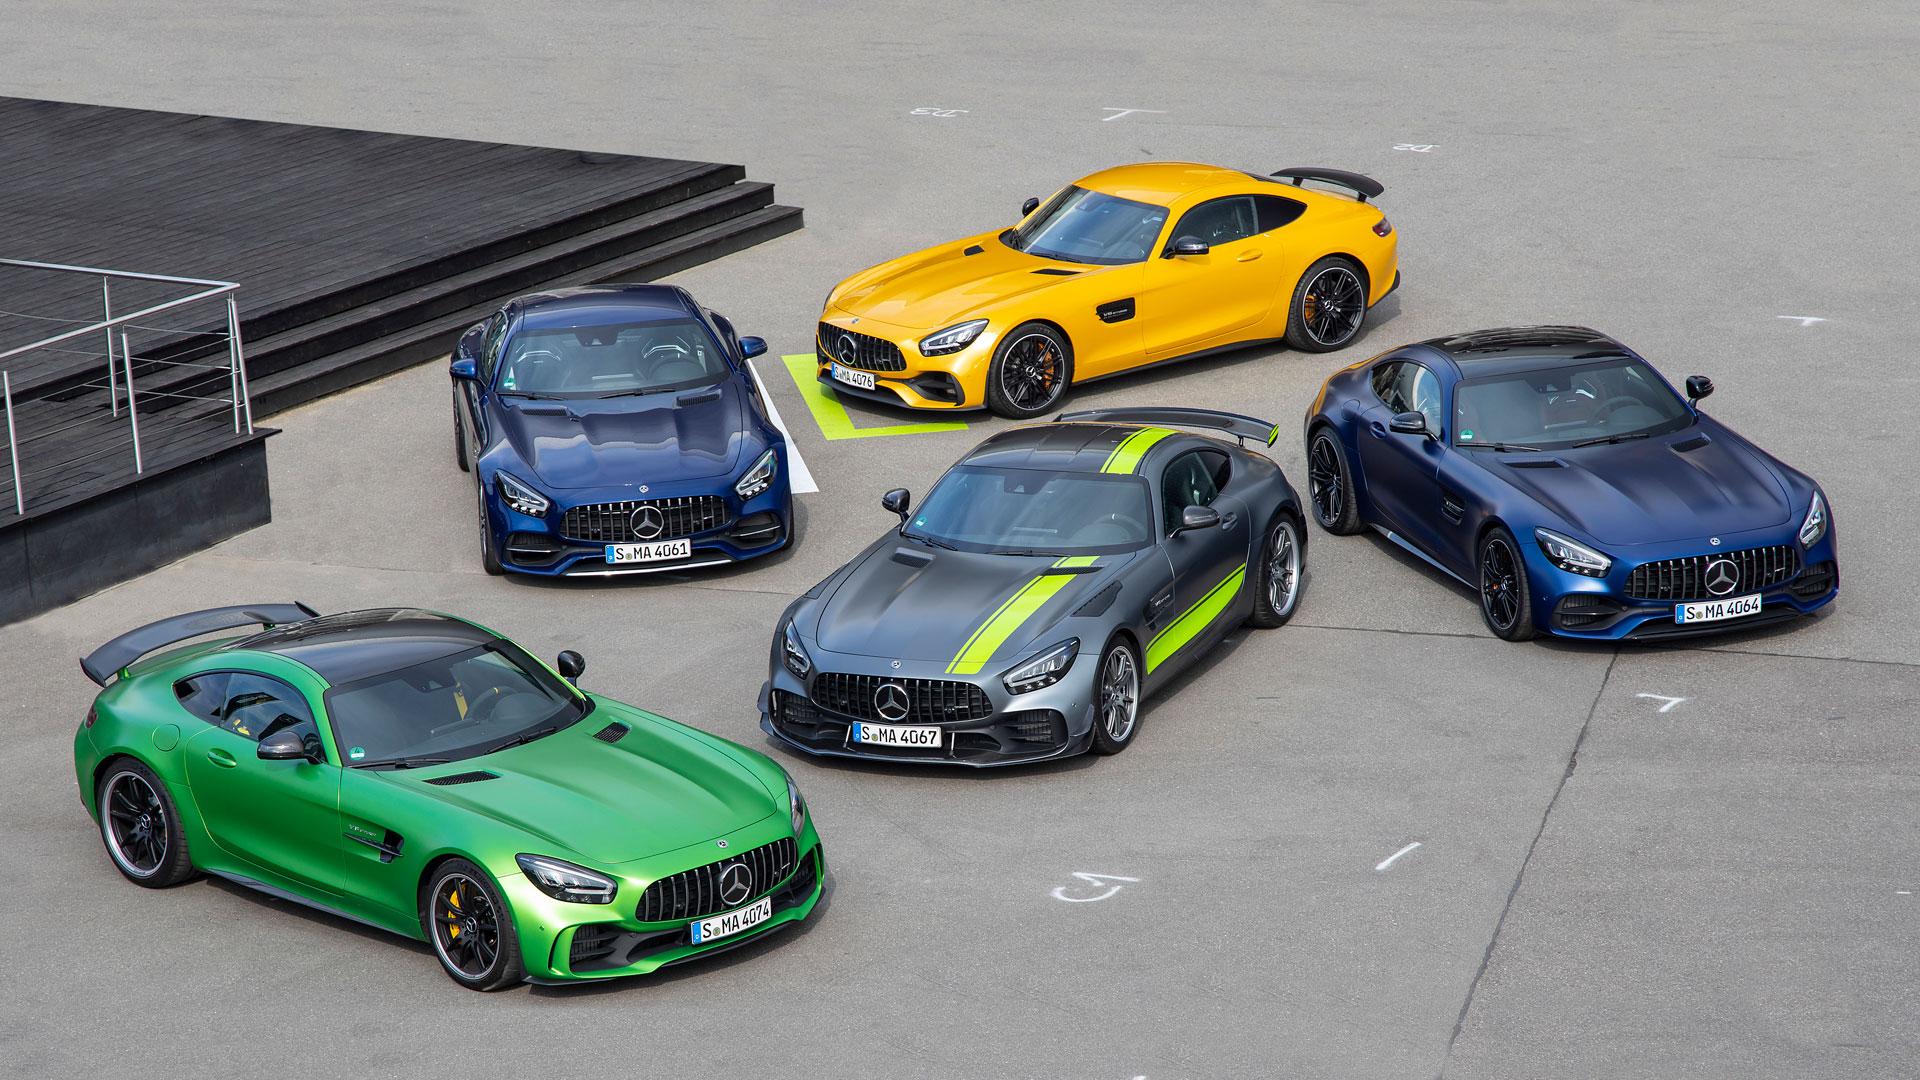 Нові Mercedes-AMG GT і AMG GT R PRO 2019: Квінтесенція динаміки та технологій